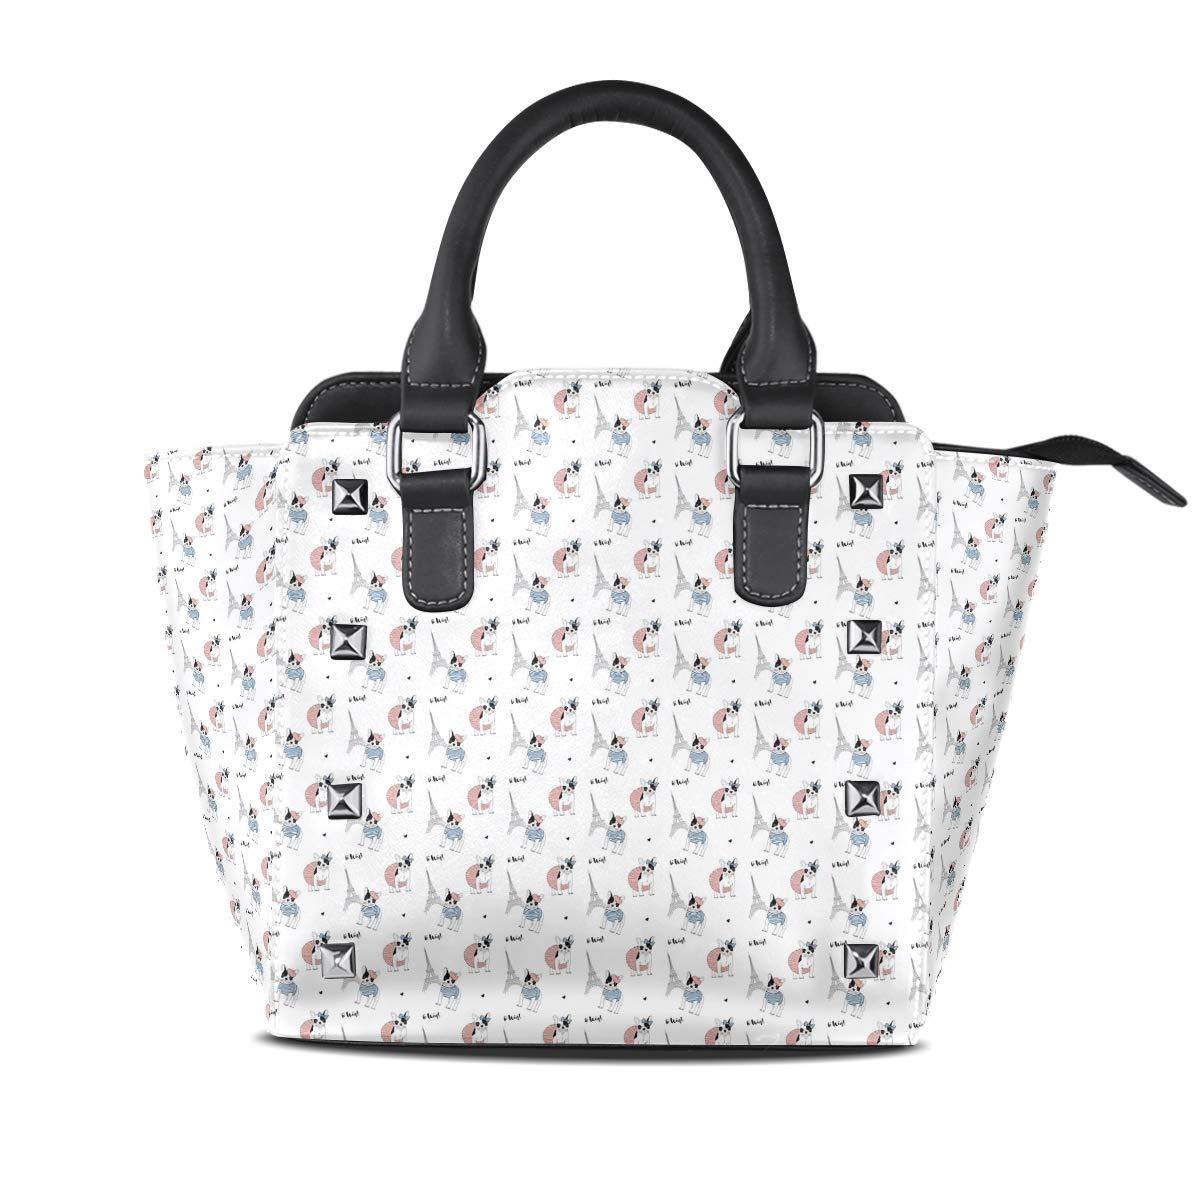 Design4 Handbag Cheetah Genuine Leather Tote Rivet Bag Shoulder Strap Top Handle Women